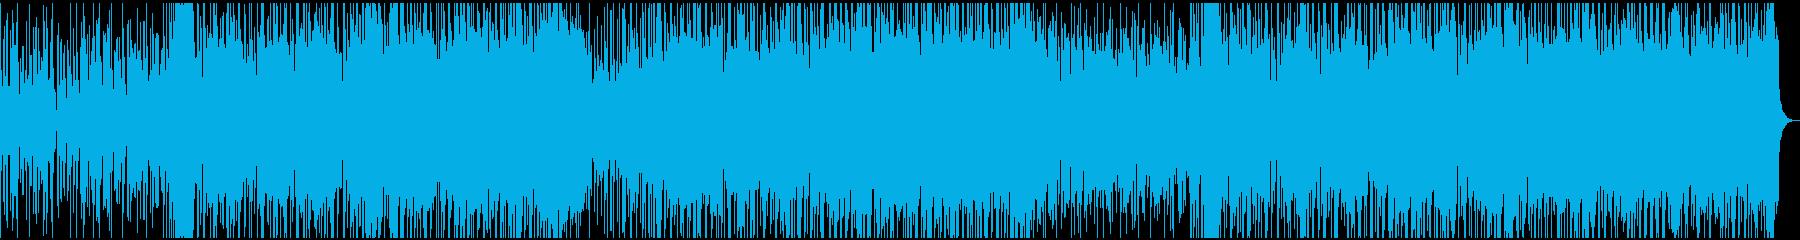 リードソロドライブギターのこのトラ...の再生済みの波形